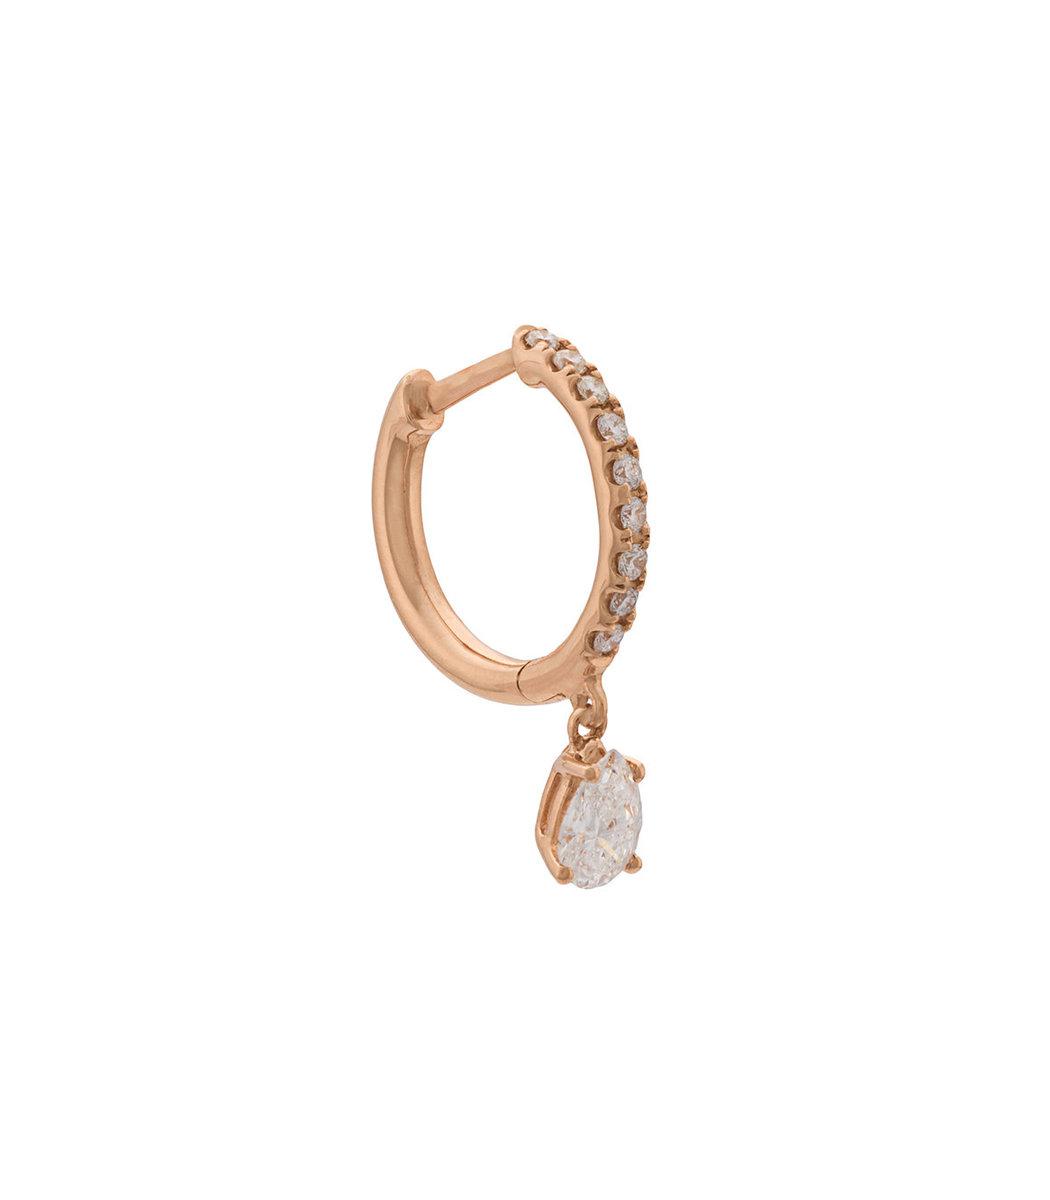 Anita Ko Gold Diamond Huggies Earring